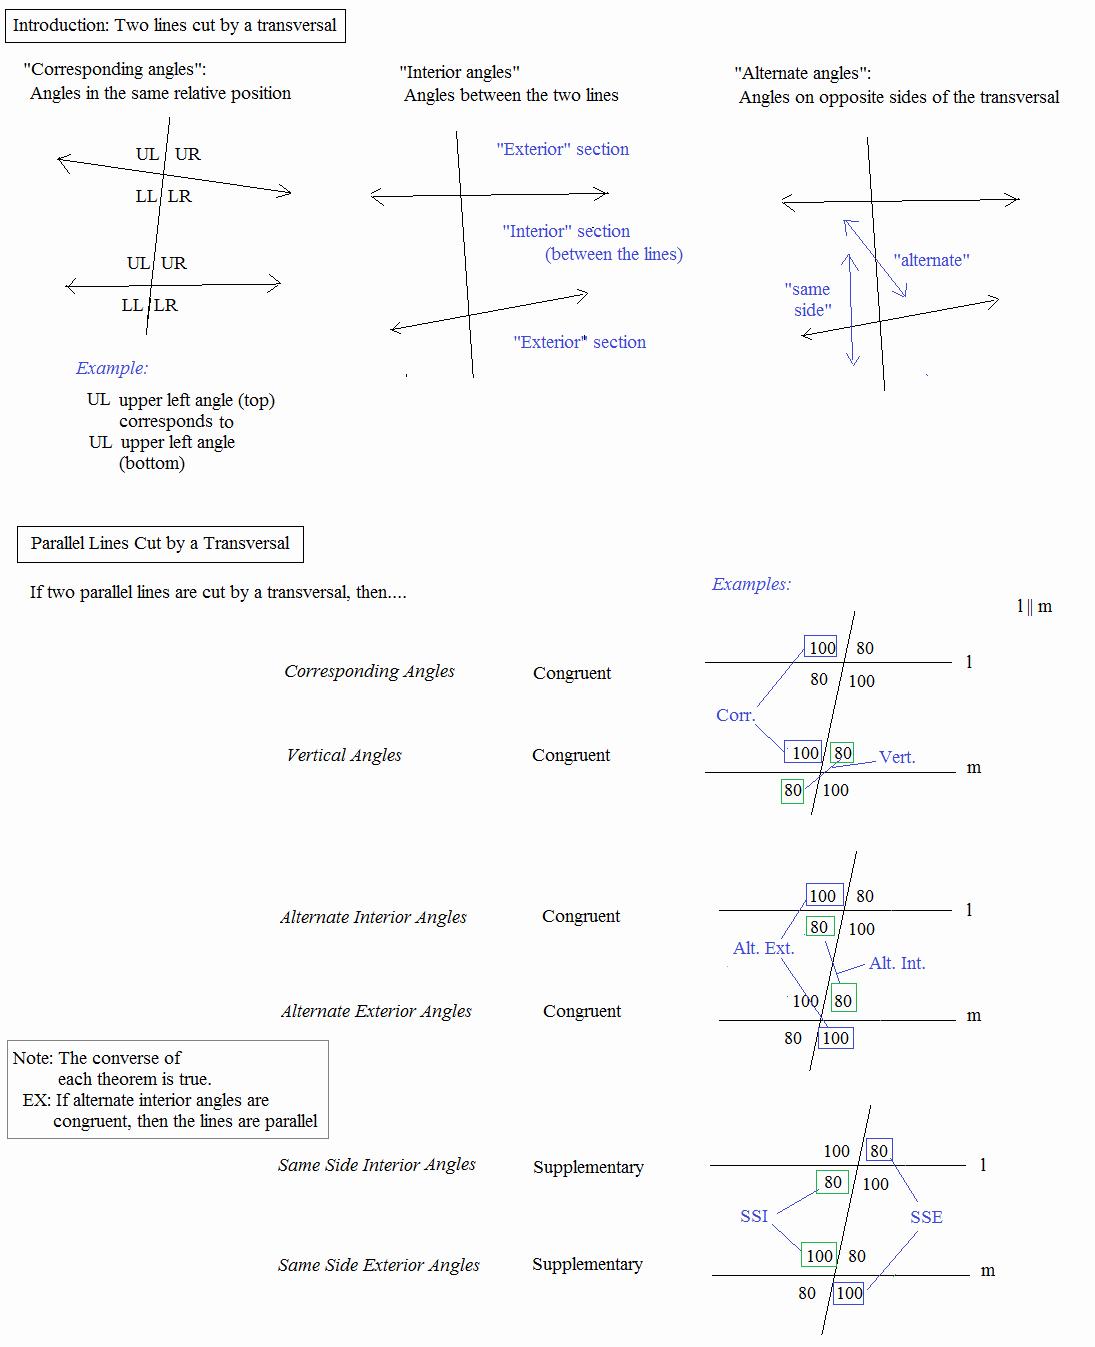 Parallel Lines Transversal Worksheet Lovely Math Plane Parallel Lines Cut by Transversals